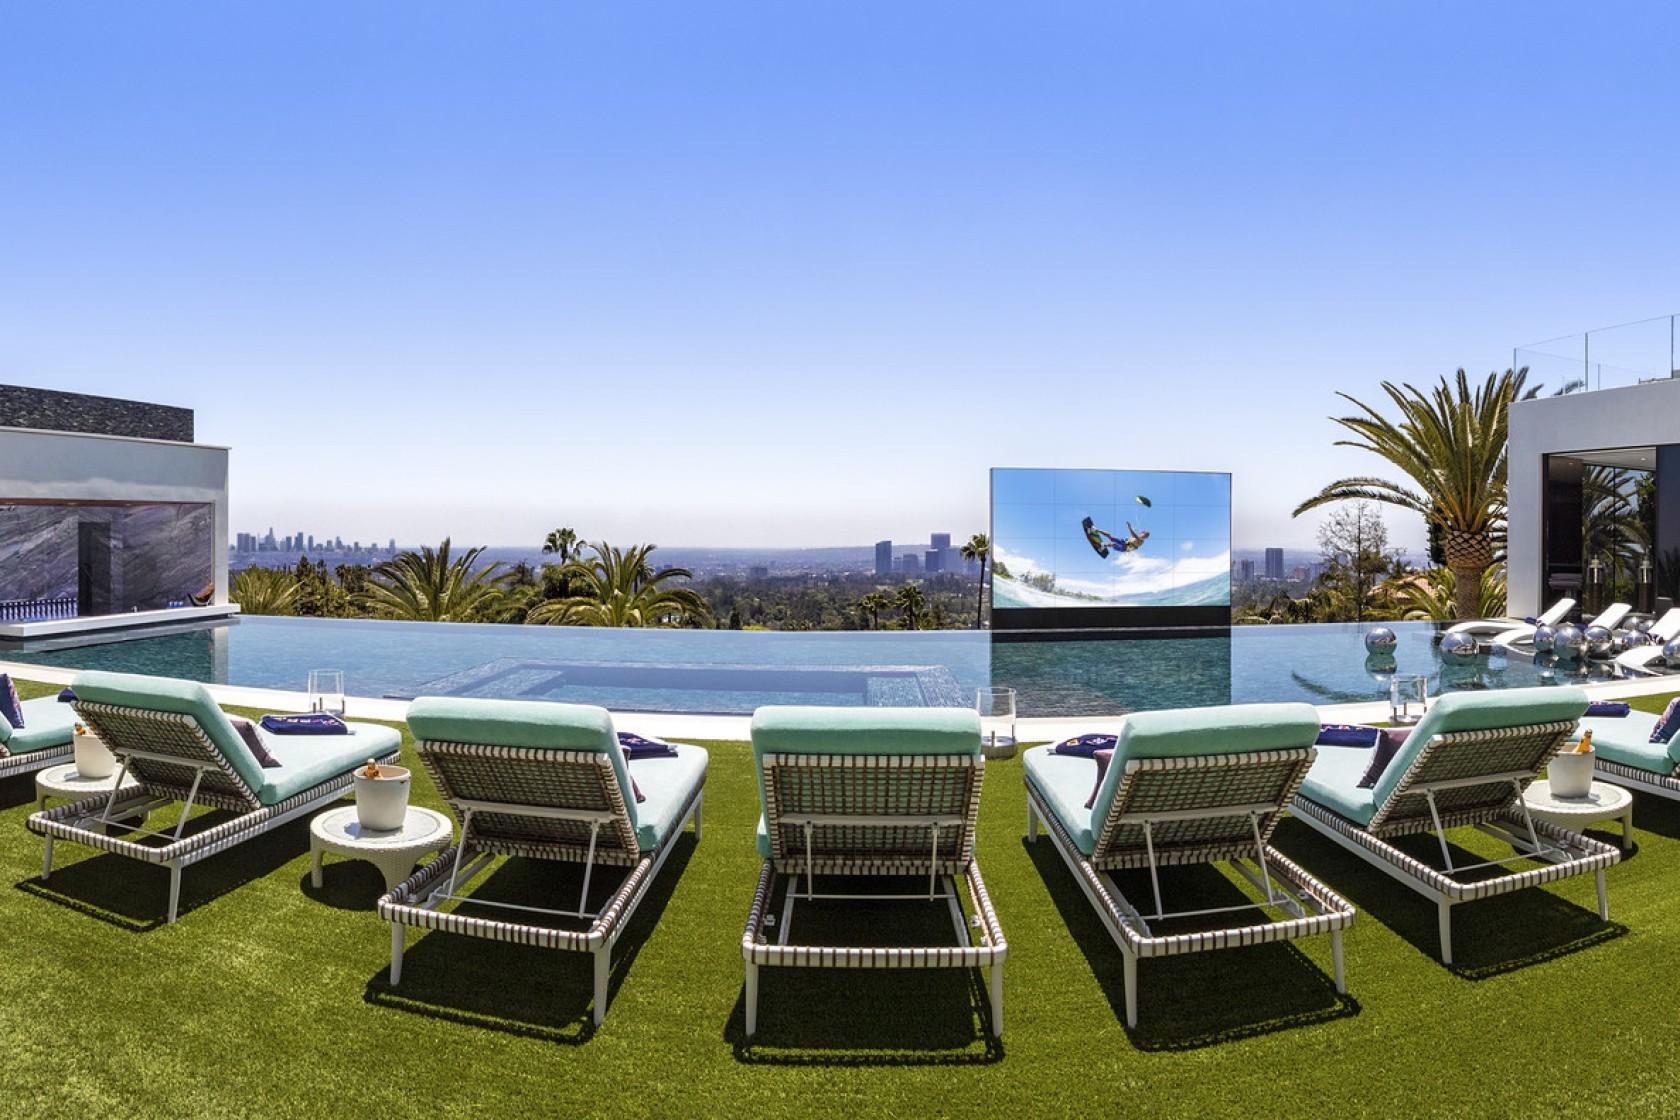 Traumhaus in Bel Air: Dieses $250 Millionen Dollar Anwesen wechselt für $94 Millionen den Besitzer 15